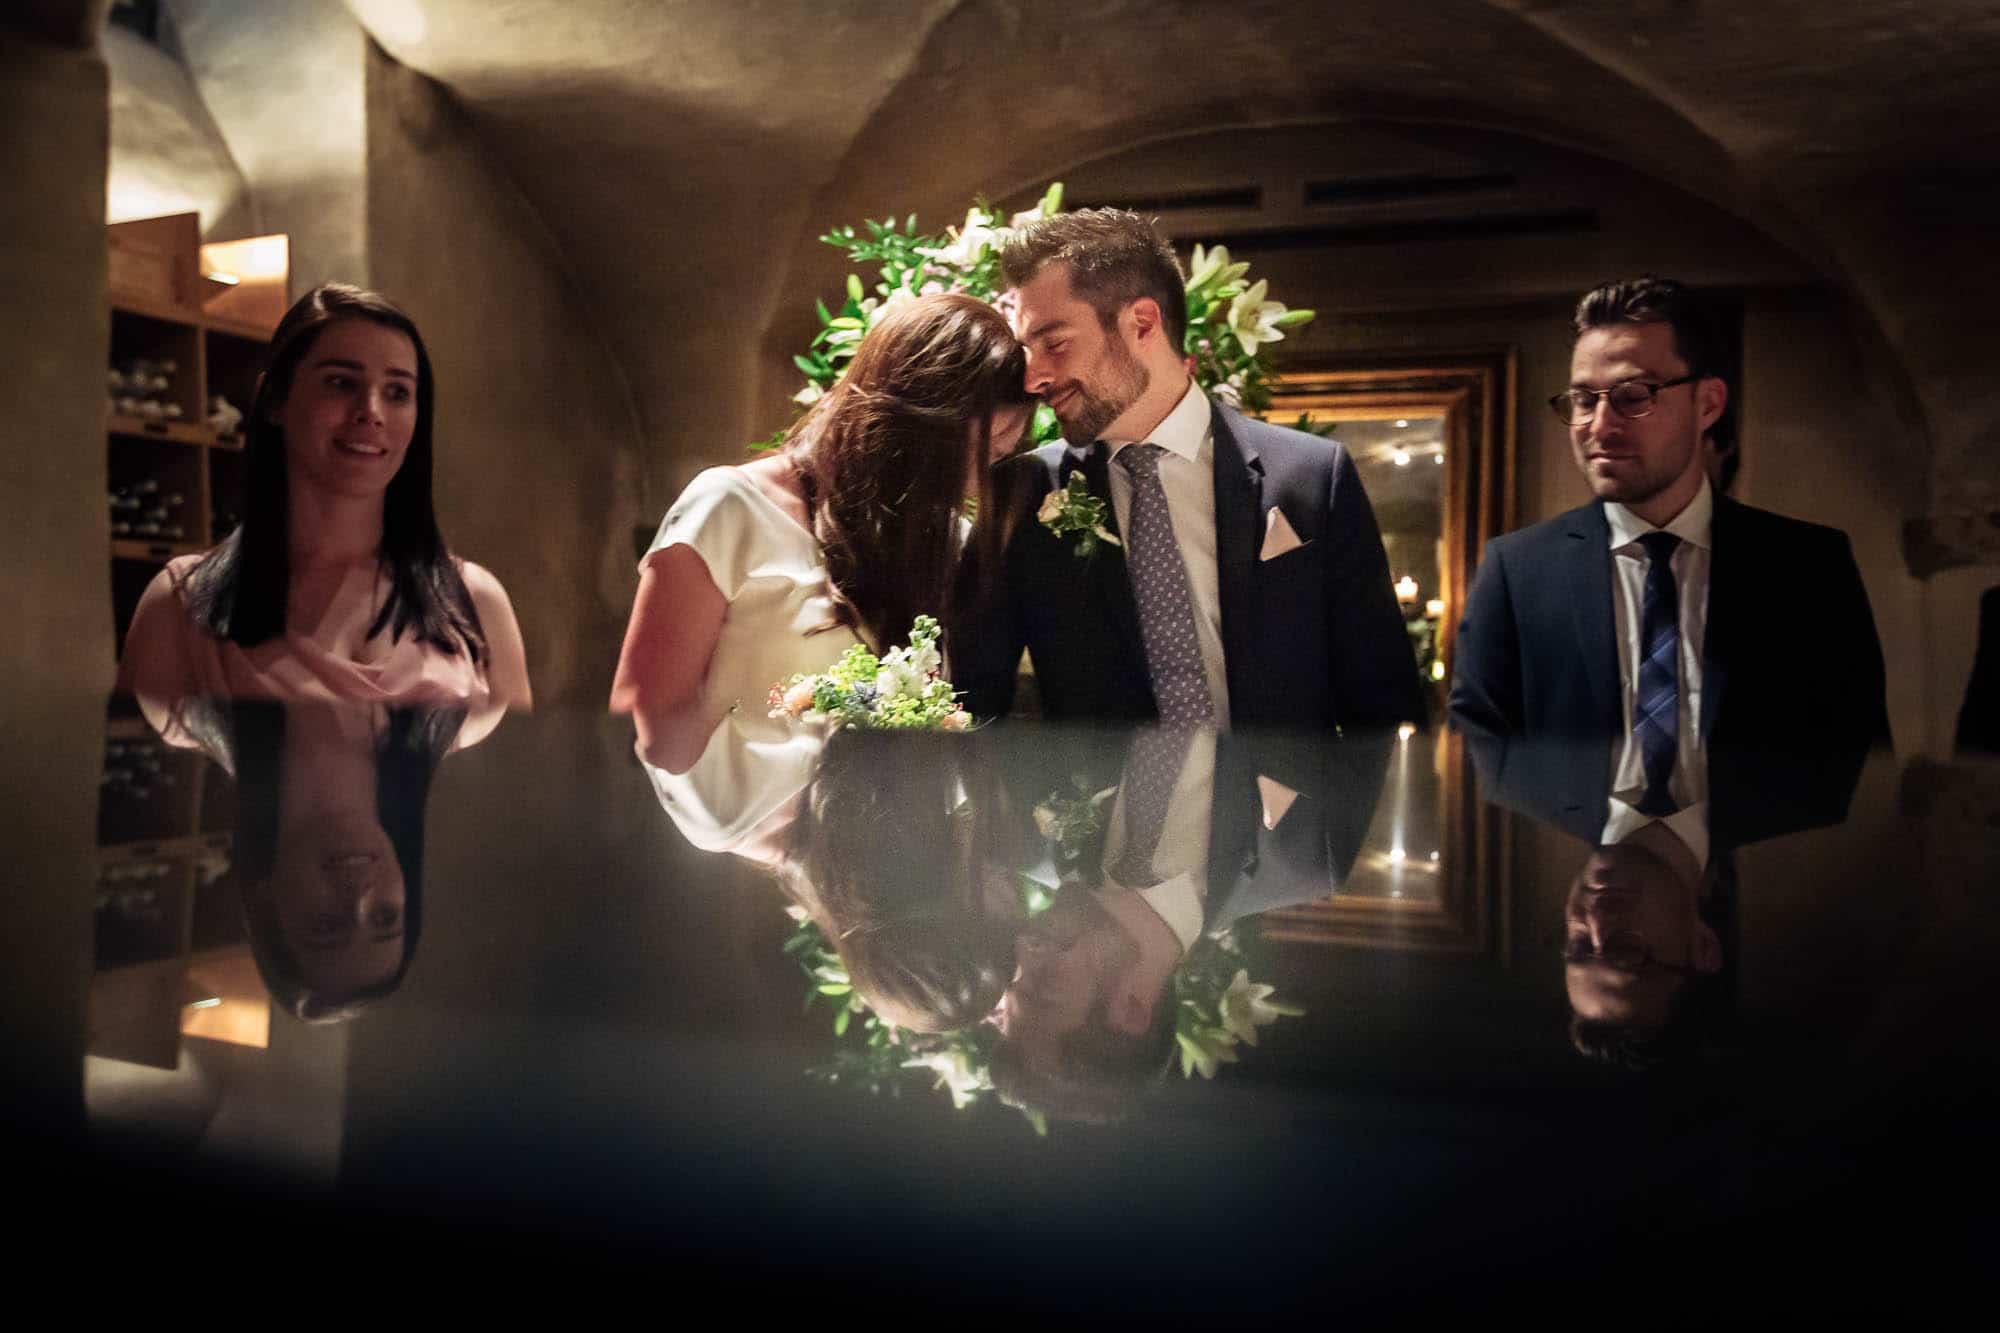 Brautpaar spiegelt sich während Trauung auf Tresen